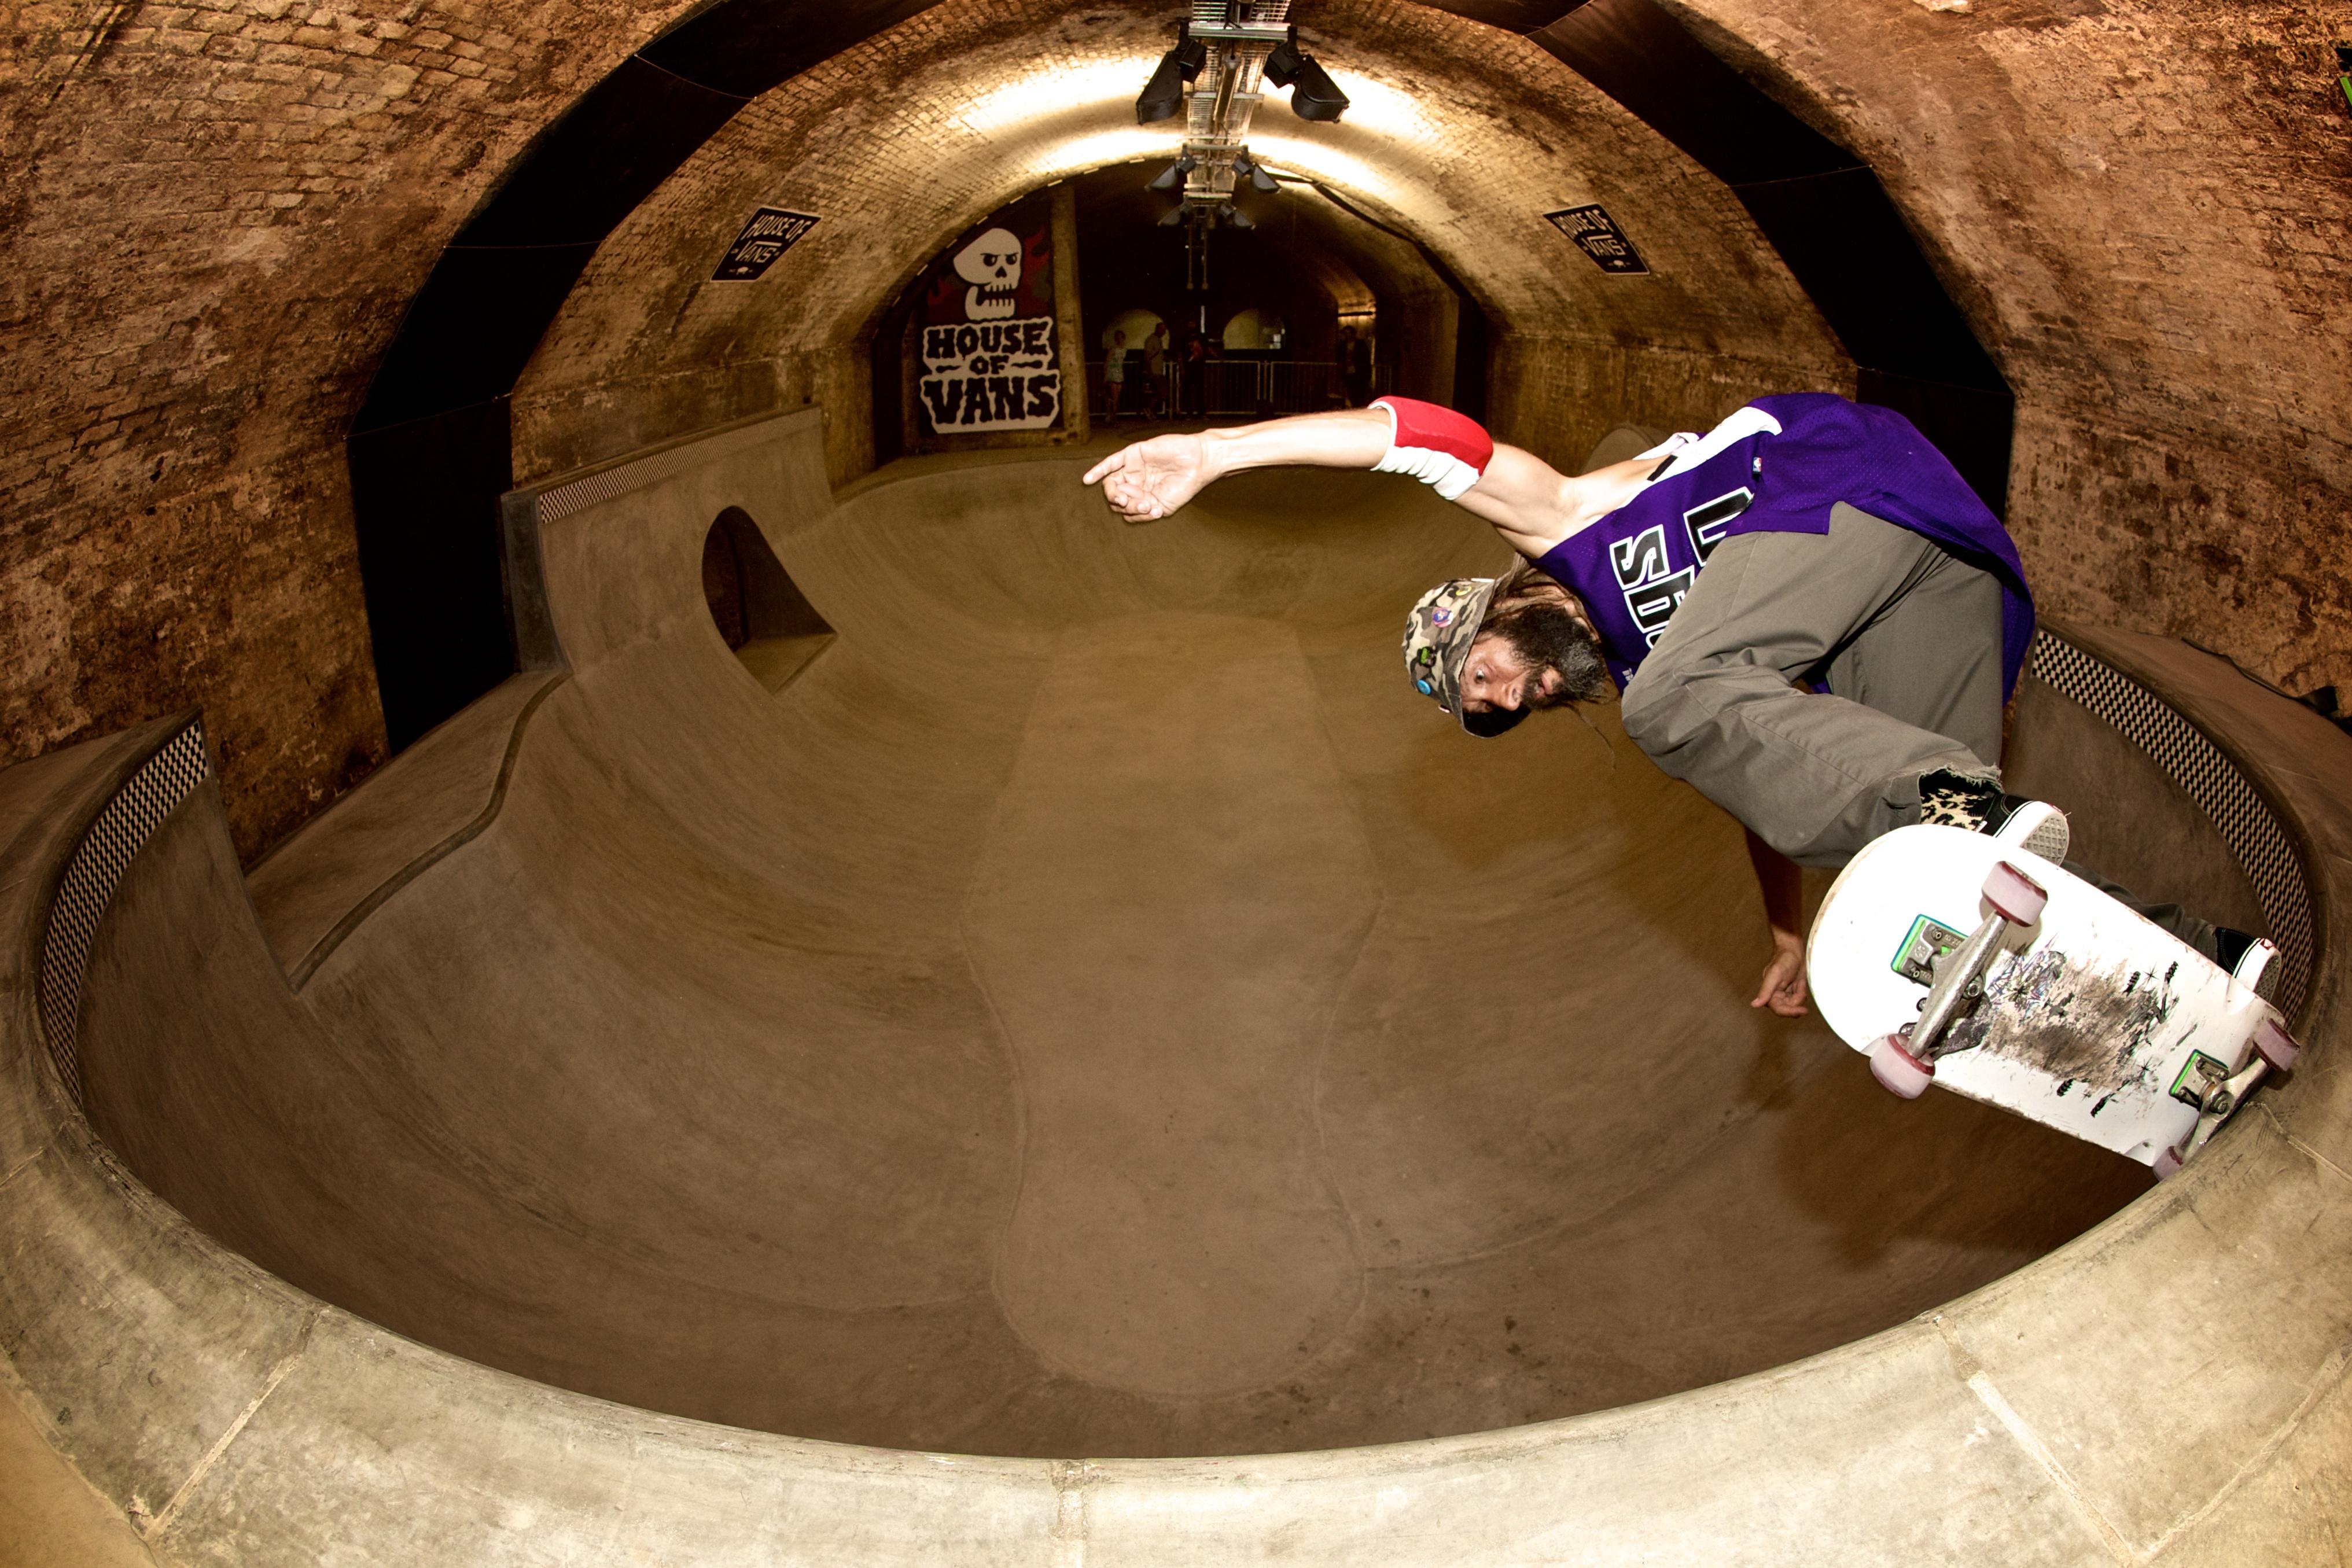 〔안정원의 디자인 칼럼〕 오래된 지하터널이 액션 스포츠, 예술,영화,음악의 공간으로 변신1